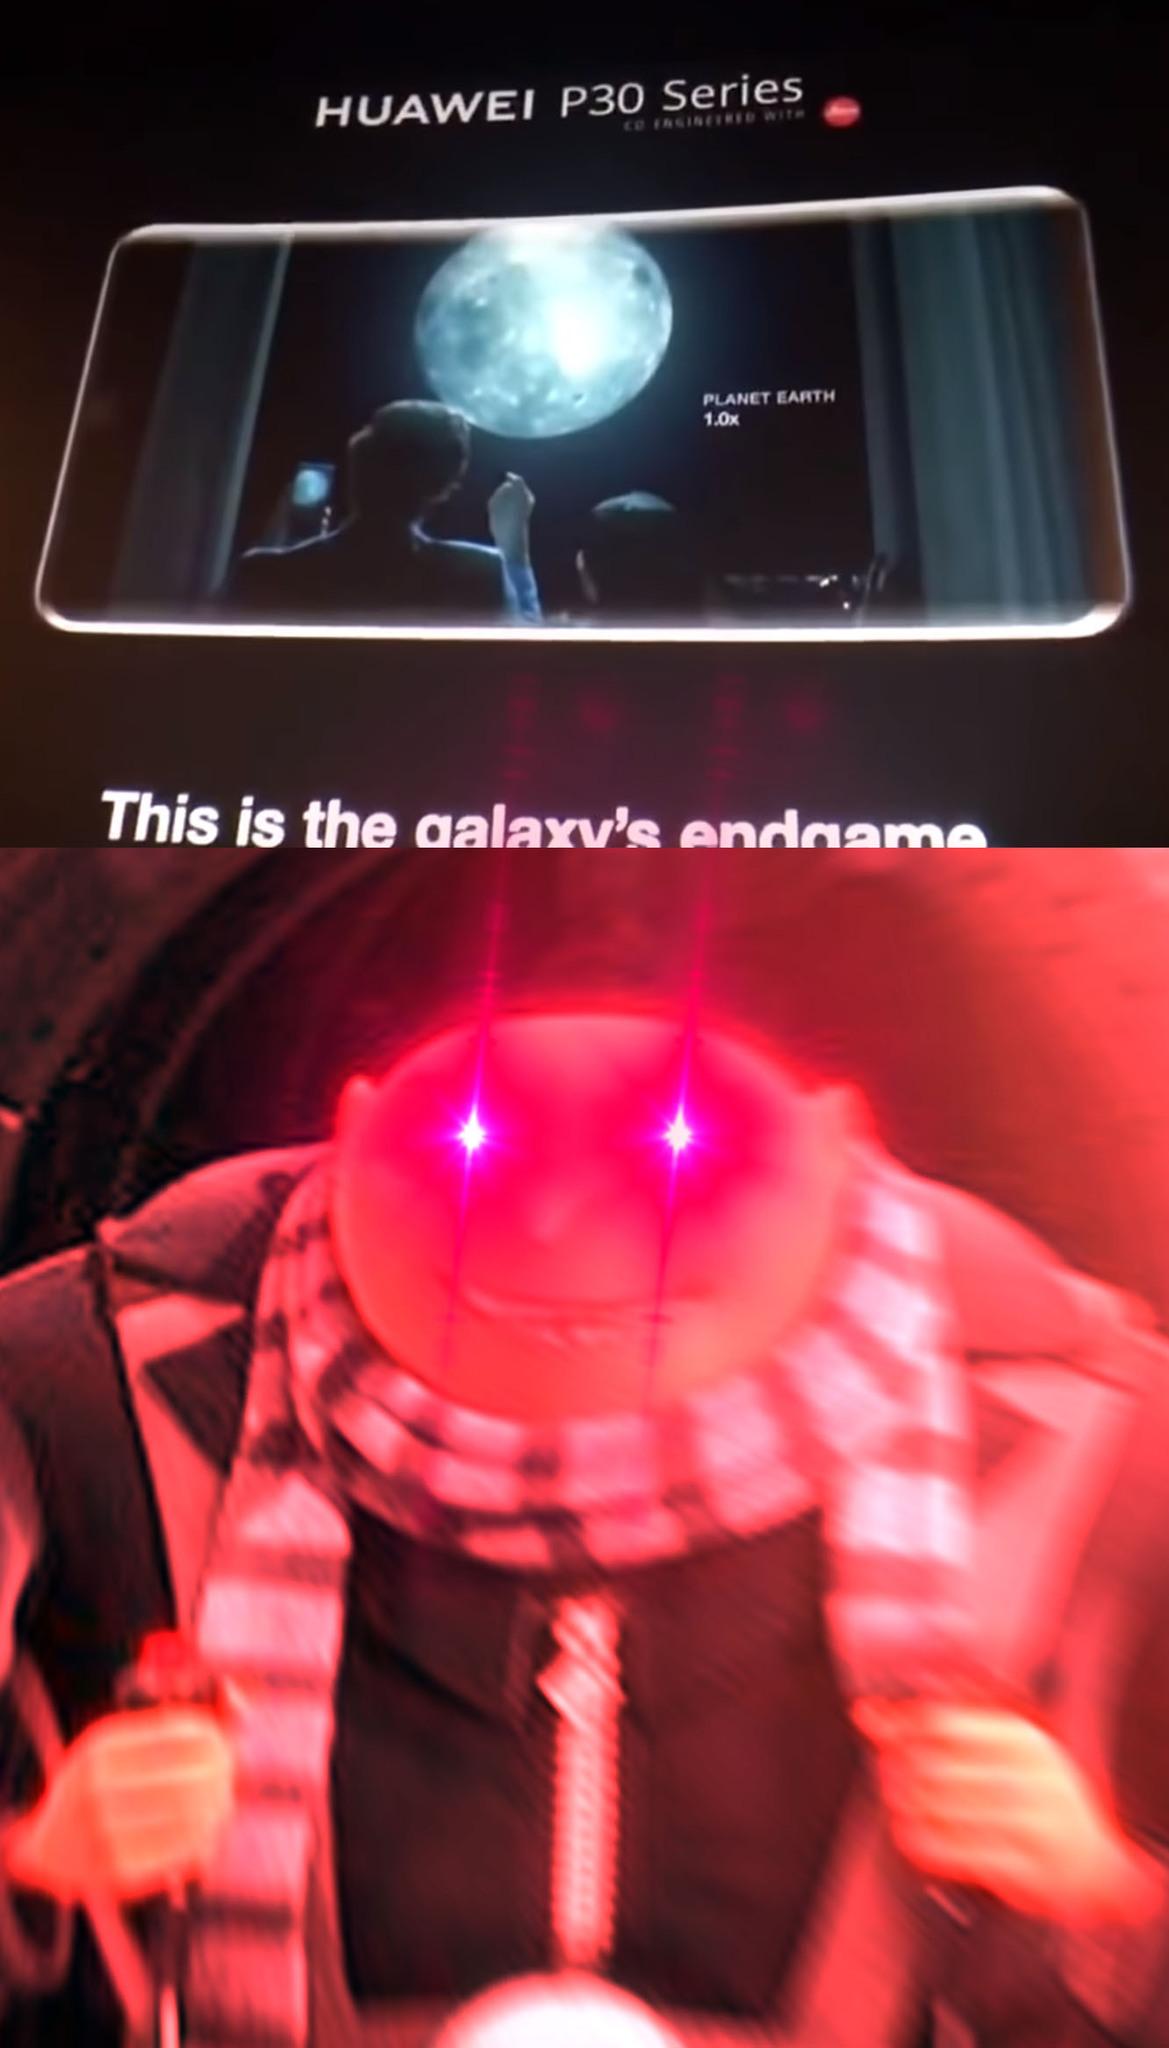 Fiu necesito uno de esos - meme